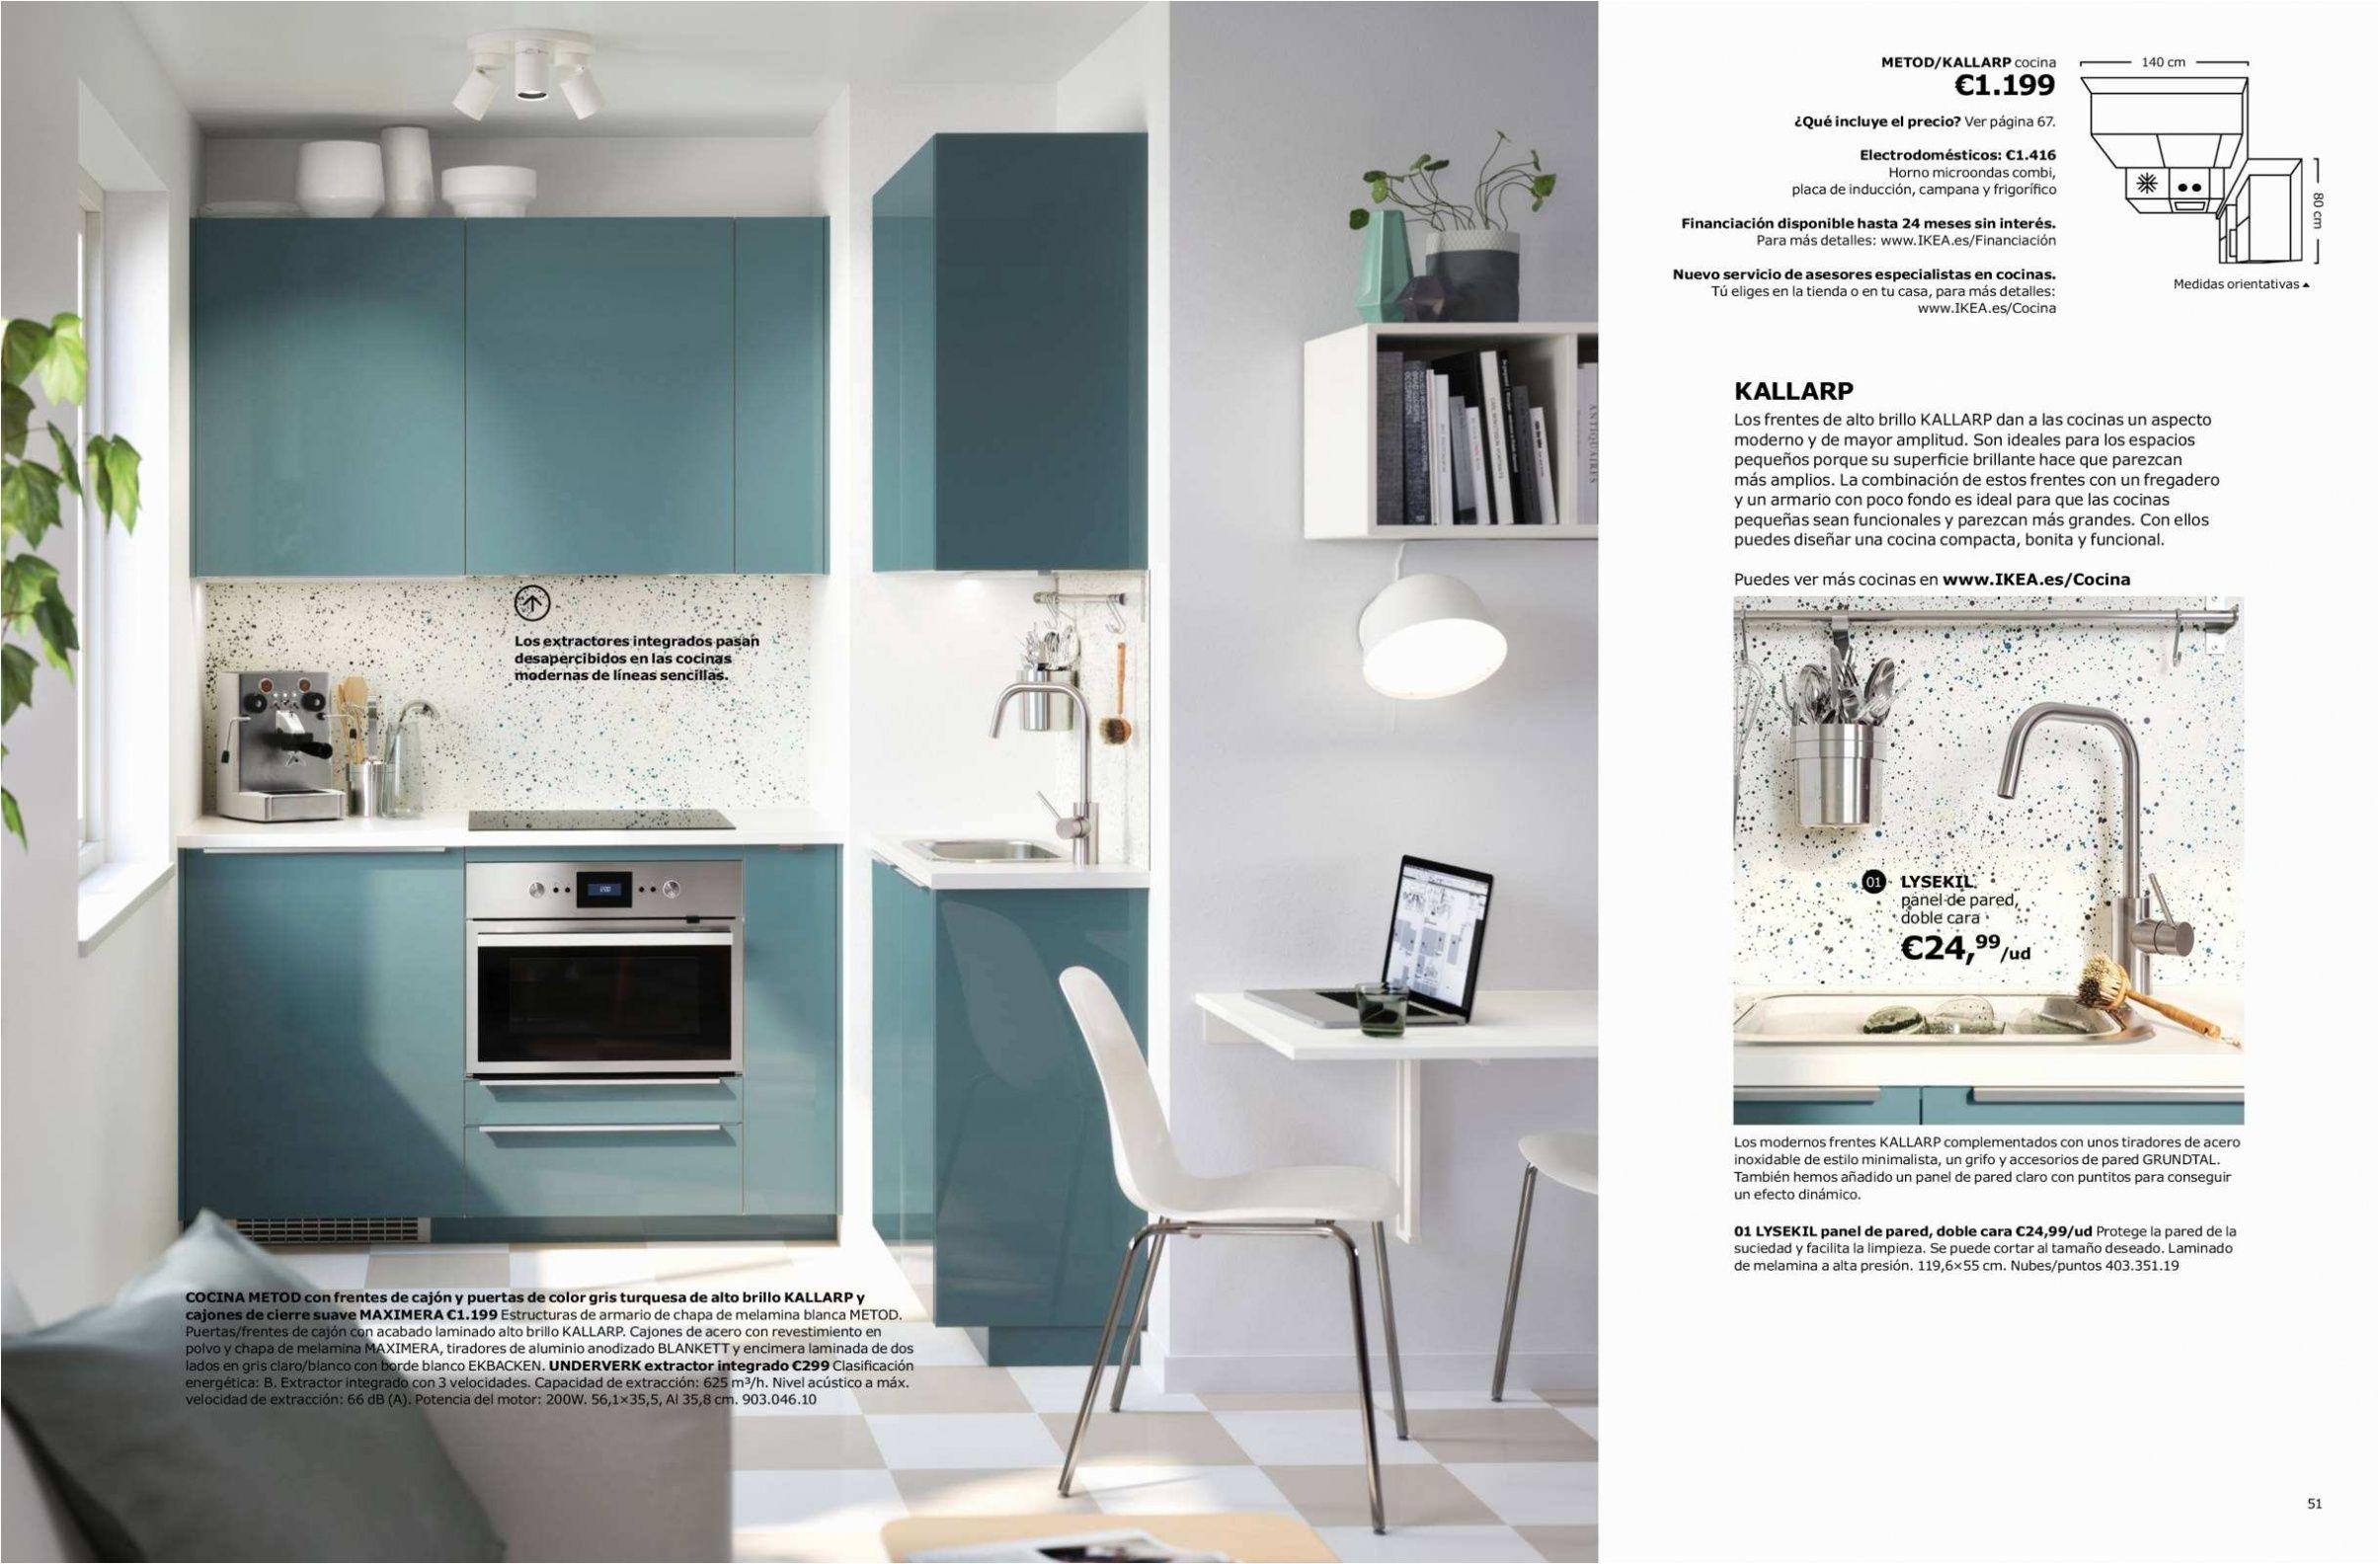 Image Of Muebles Cocina Ikea Modulos Modulos Cocina Ikea Modulos ...